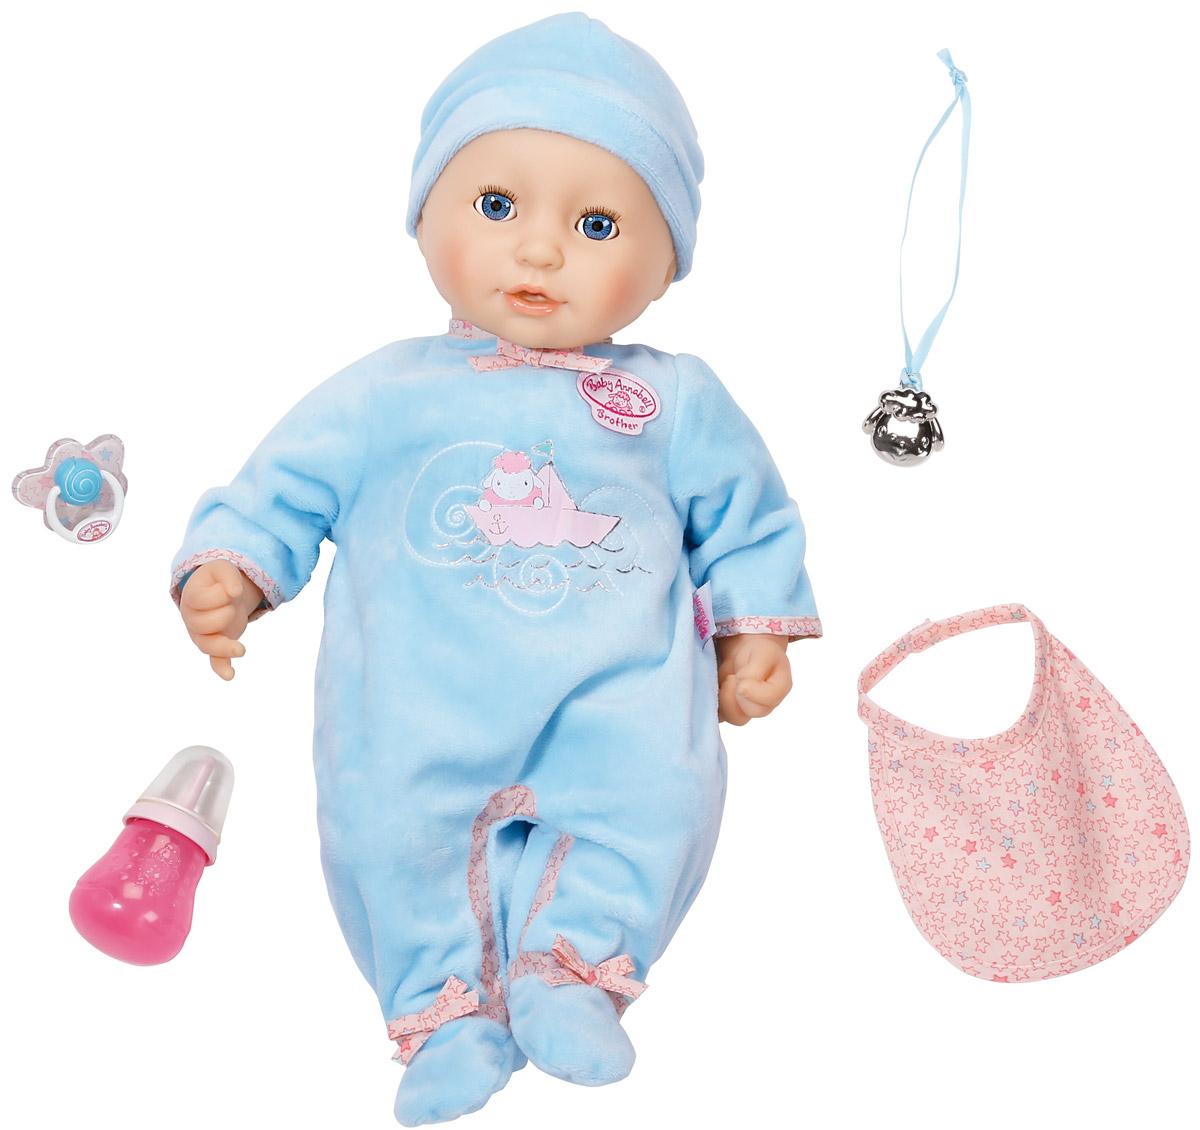 Baby Annabell Пупс с мимикой в голубом комбинезоне 794-654794-654Интерактивная кукла Baby Annabell порадует вашу малышку и доставит ей много удовольствия от часов, посвященных игре с ней. Пупс выглядит совсем как настоящий младенец. У мальчика большие голубые глазки, длинные ресницы, пухлые розовые щечки и поджатые губки. Малыш одет в голубой комбинезон, на голове шапочка. Ручки, ножки и голова выполнены из высококачественного мягкого винила, туловище мягконабивное. Кукла выглядит очень реалистично и ведет себя как настоящий ребенок. Пупс обладает живой мимикой, он смешно двигает ртом и причмокивает, когда сосет соску или пьет из бутылочки. При этом у него сонно открываются и закрываются глазки. Малыш реагирует на маму, издавая различные звуки, чихает, хихикает, агукает, что-то лепечет и посапывает во время сна. После кормления малыш срыгивает. Если его испугает громкий звук, он начнет плакать настоящими слезами и успокоится, только получив соску или бутылочку. Активировать данную функцию можно нажав на...